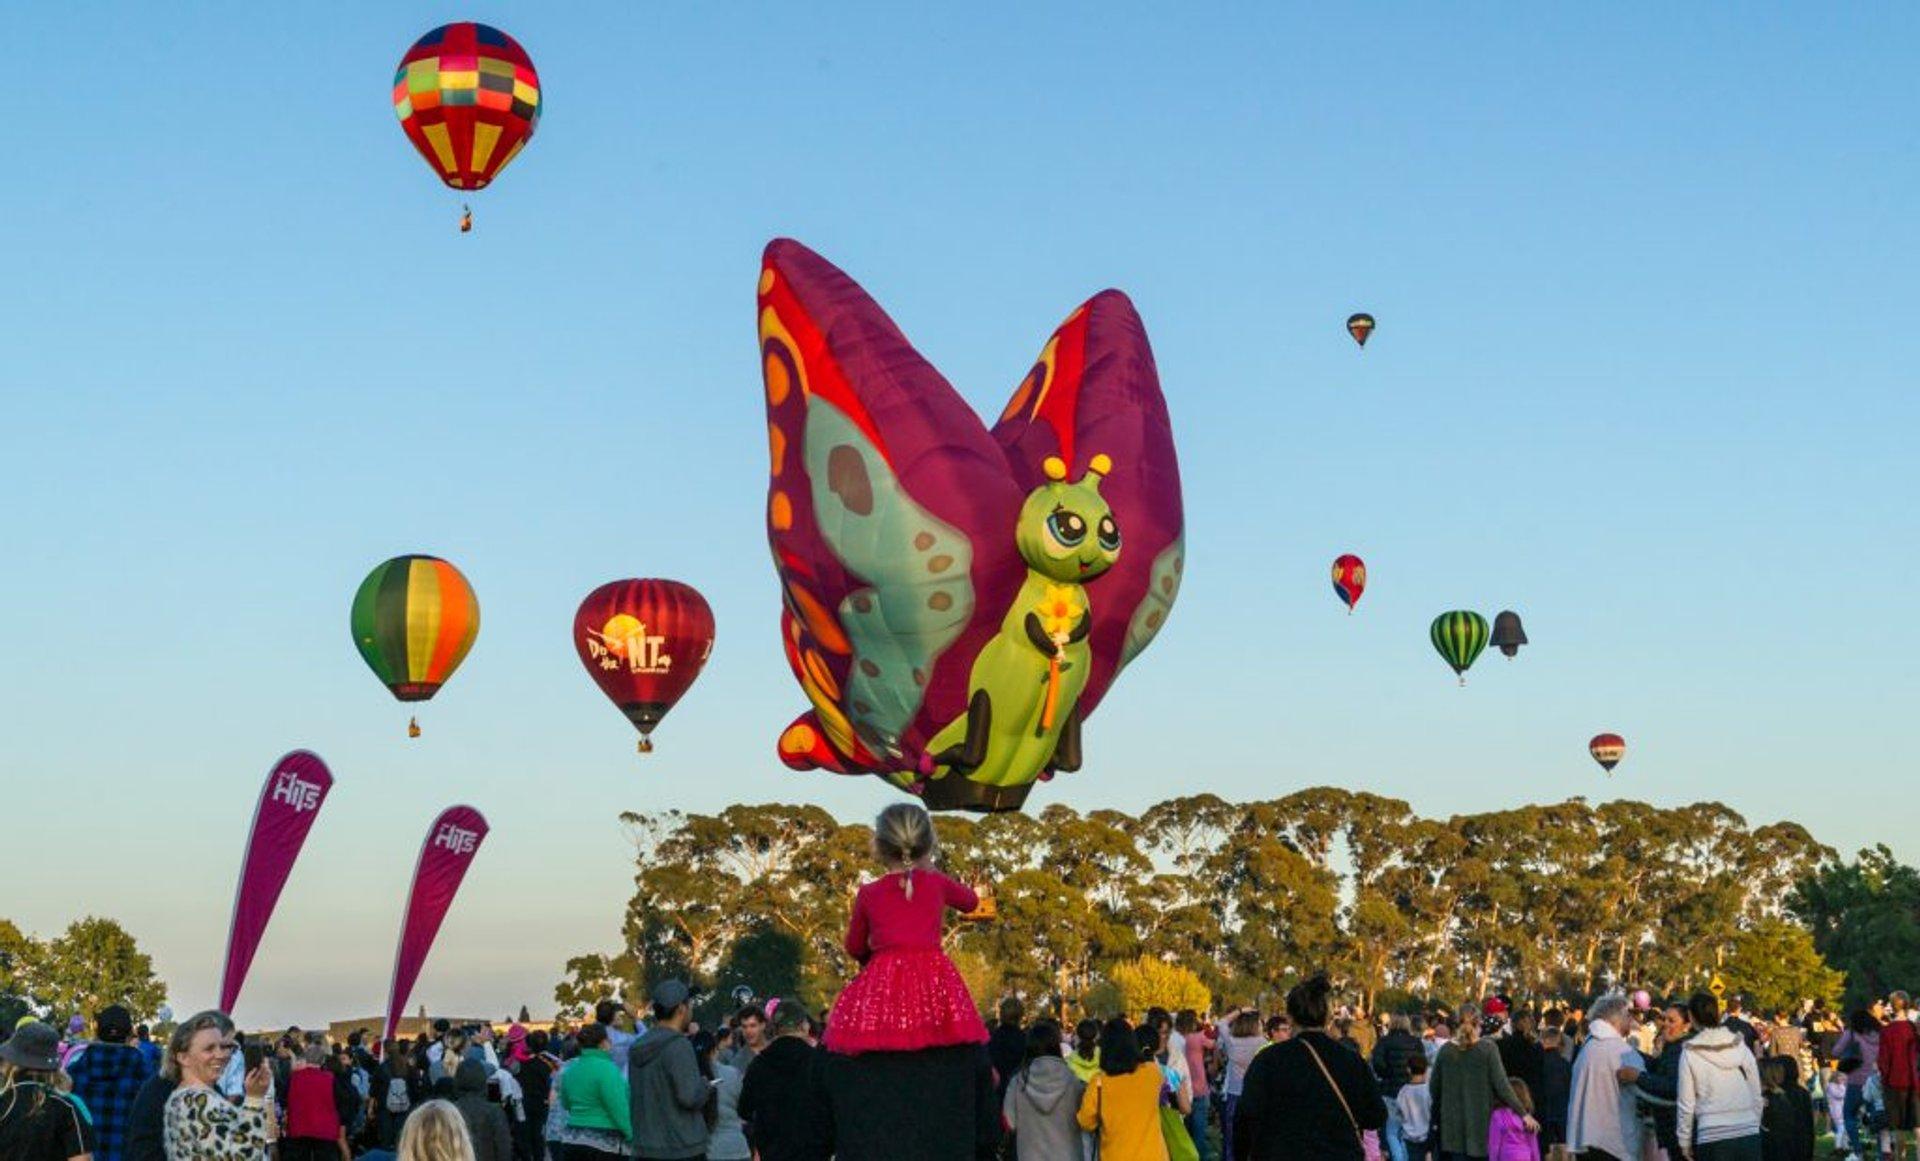 Balloons over Waikato in New Zealand - Best Season 2020